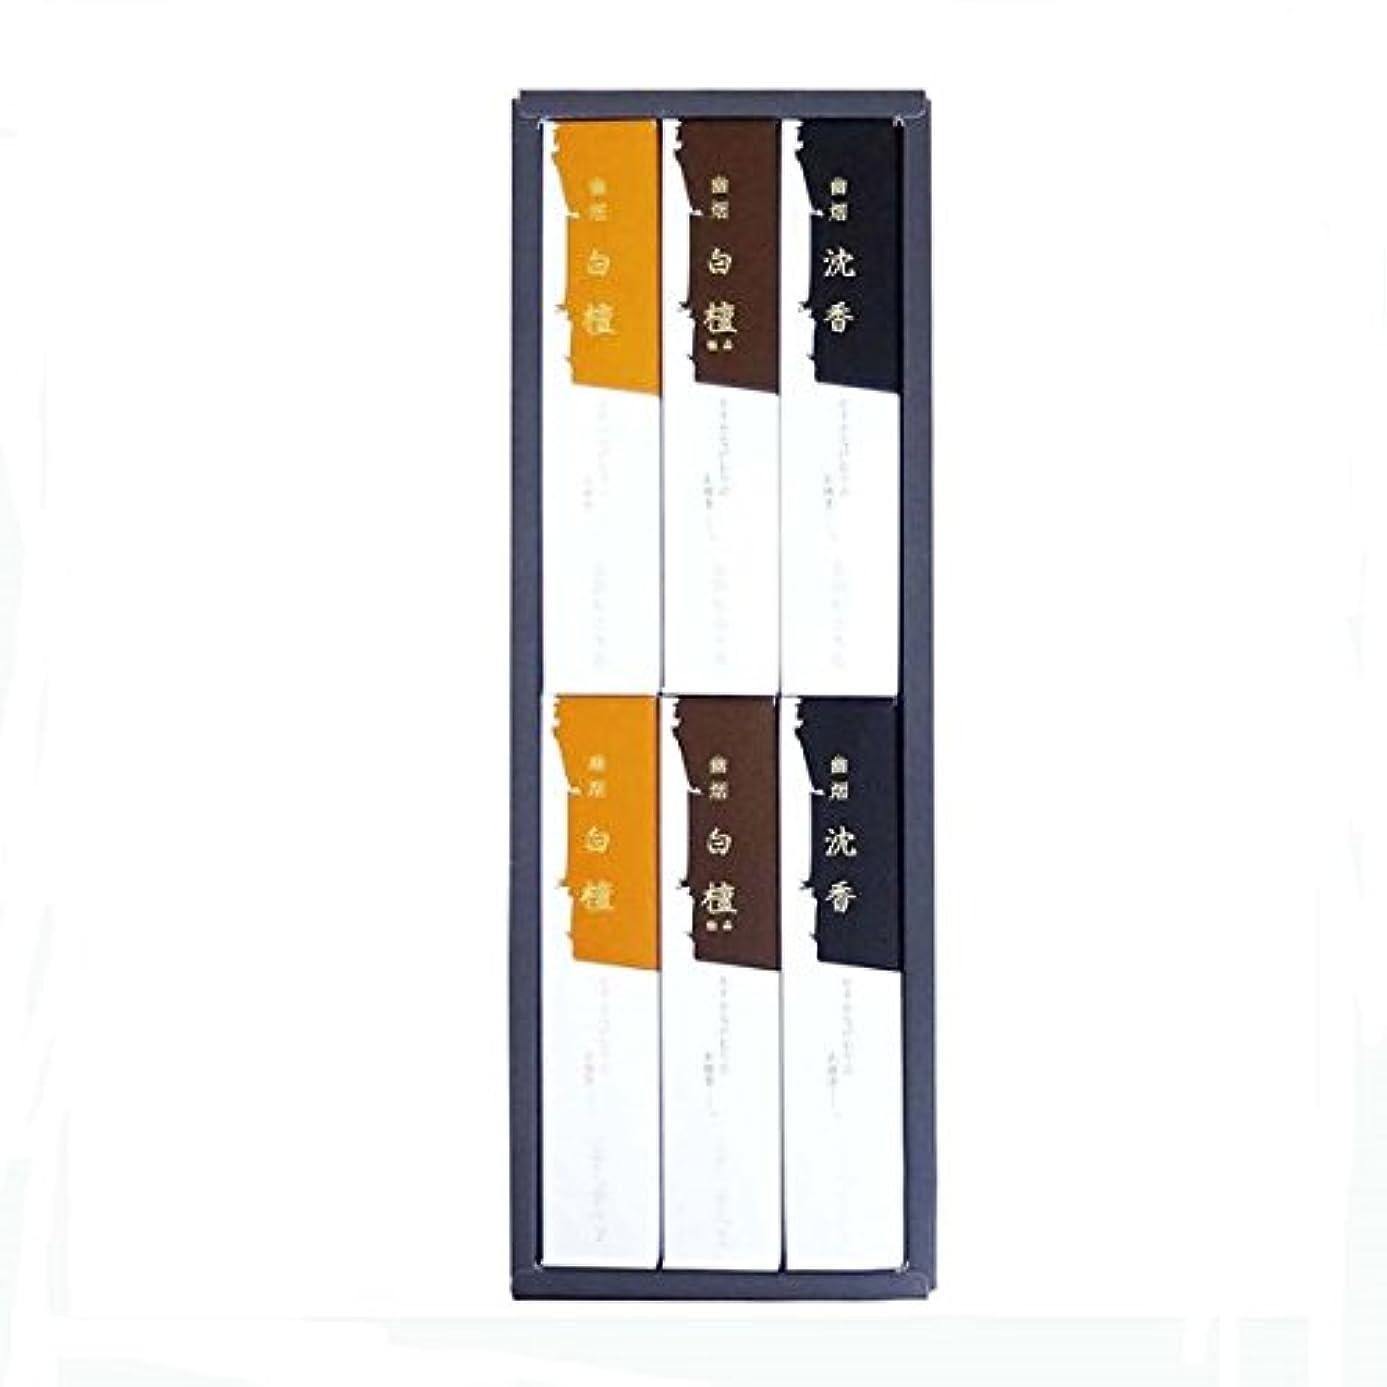 塗抹ワイヤースリンク進物用 幽烟線香 三種詰合せ